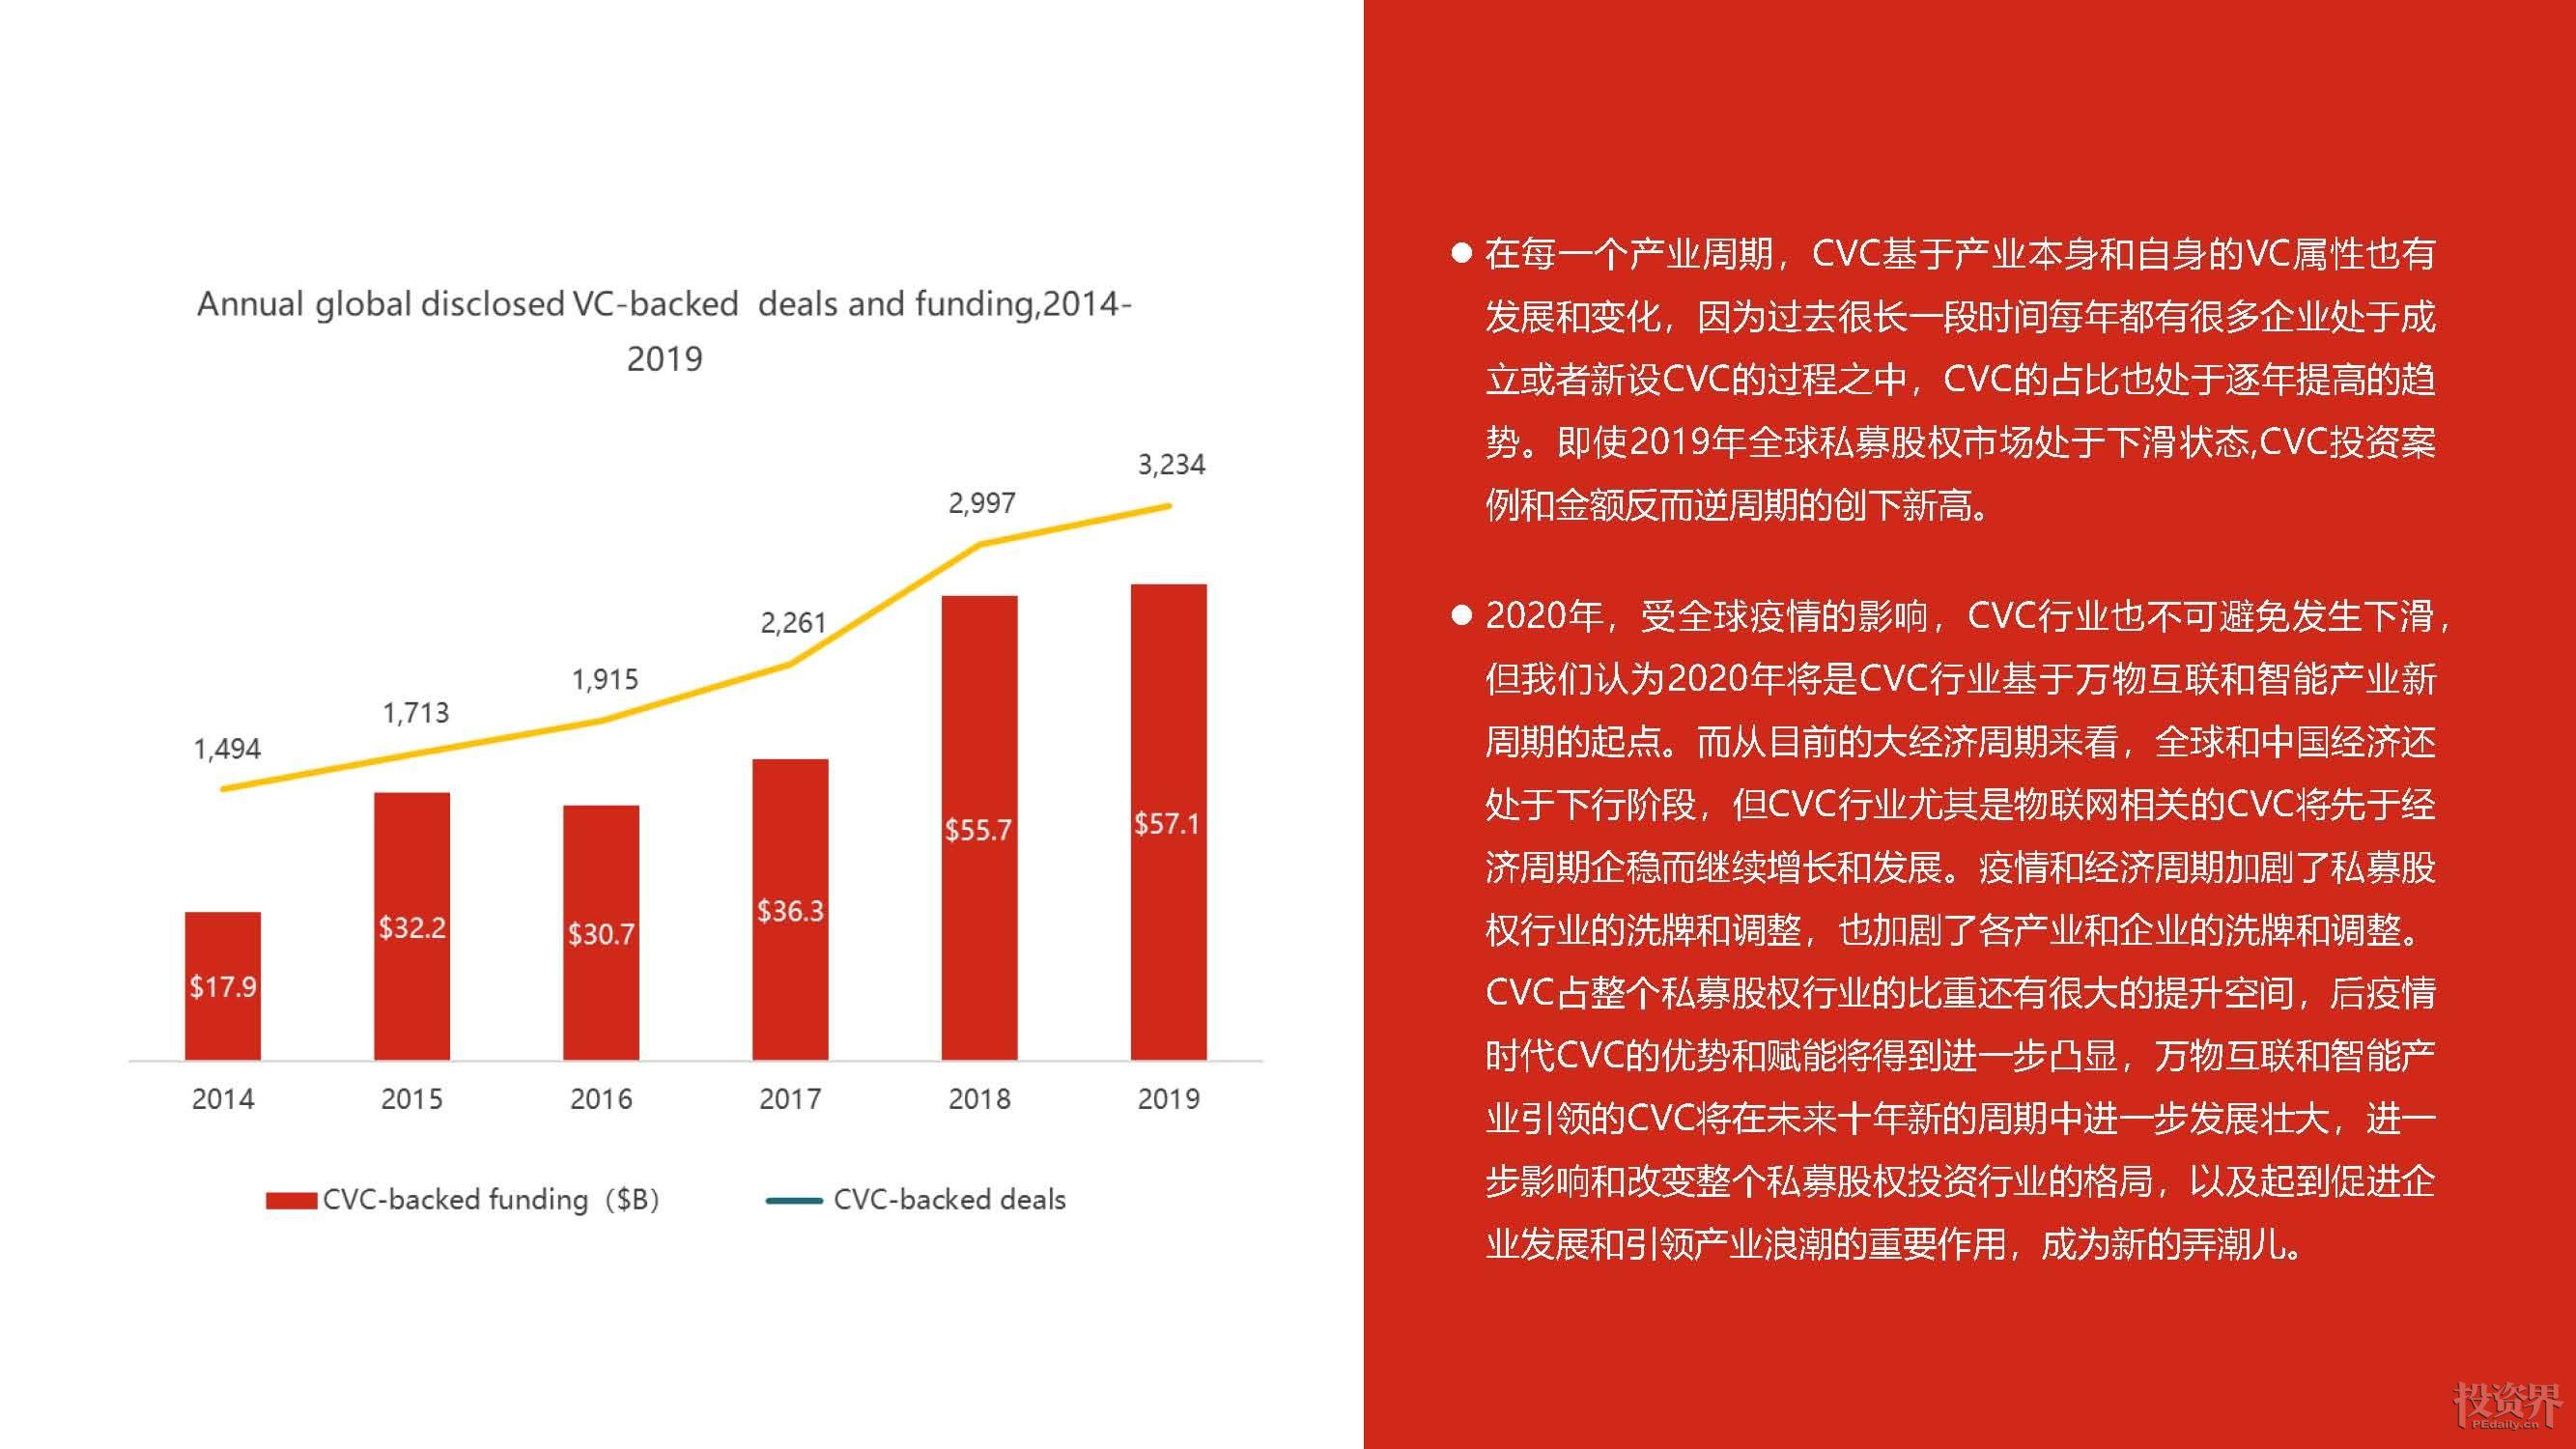 北汽产投联合清科研究中心重磅发布《2020泛汽车与大出行领域CVC研究报告》